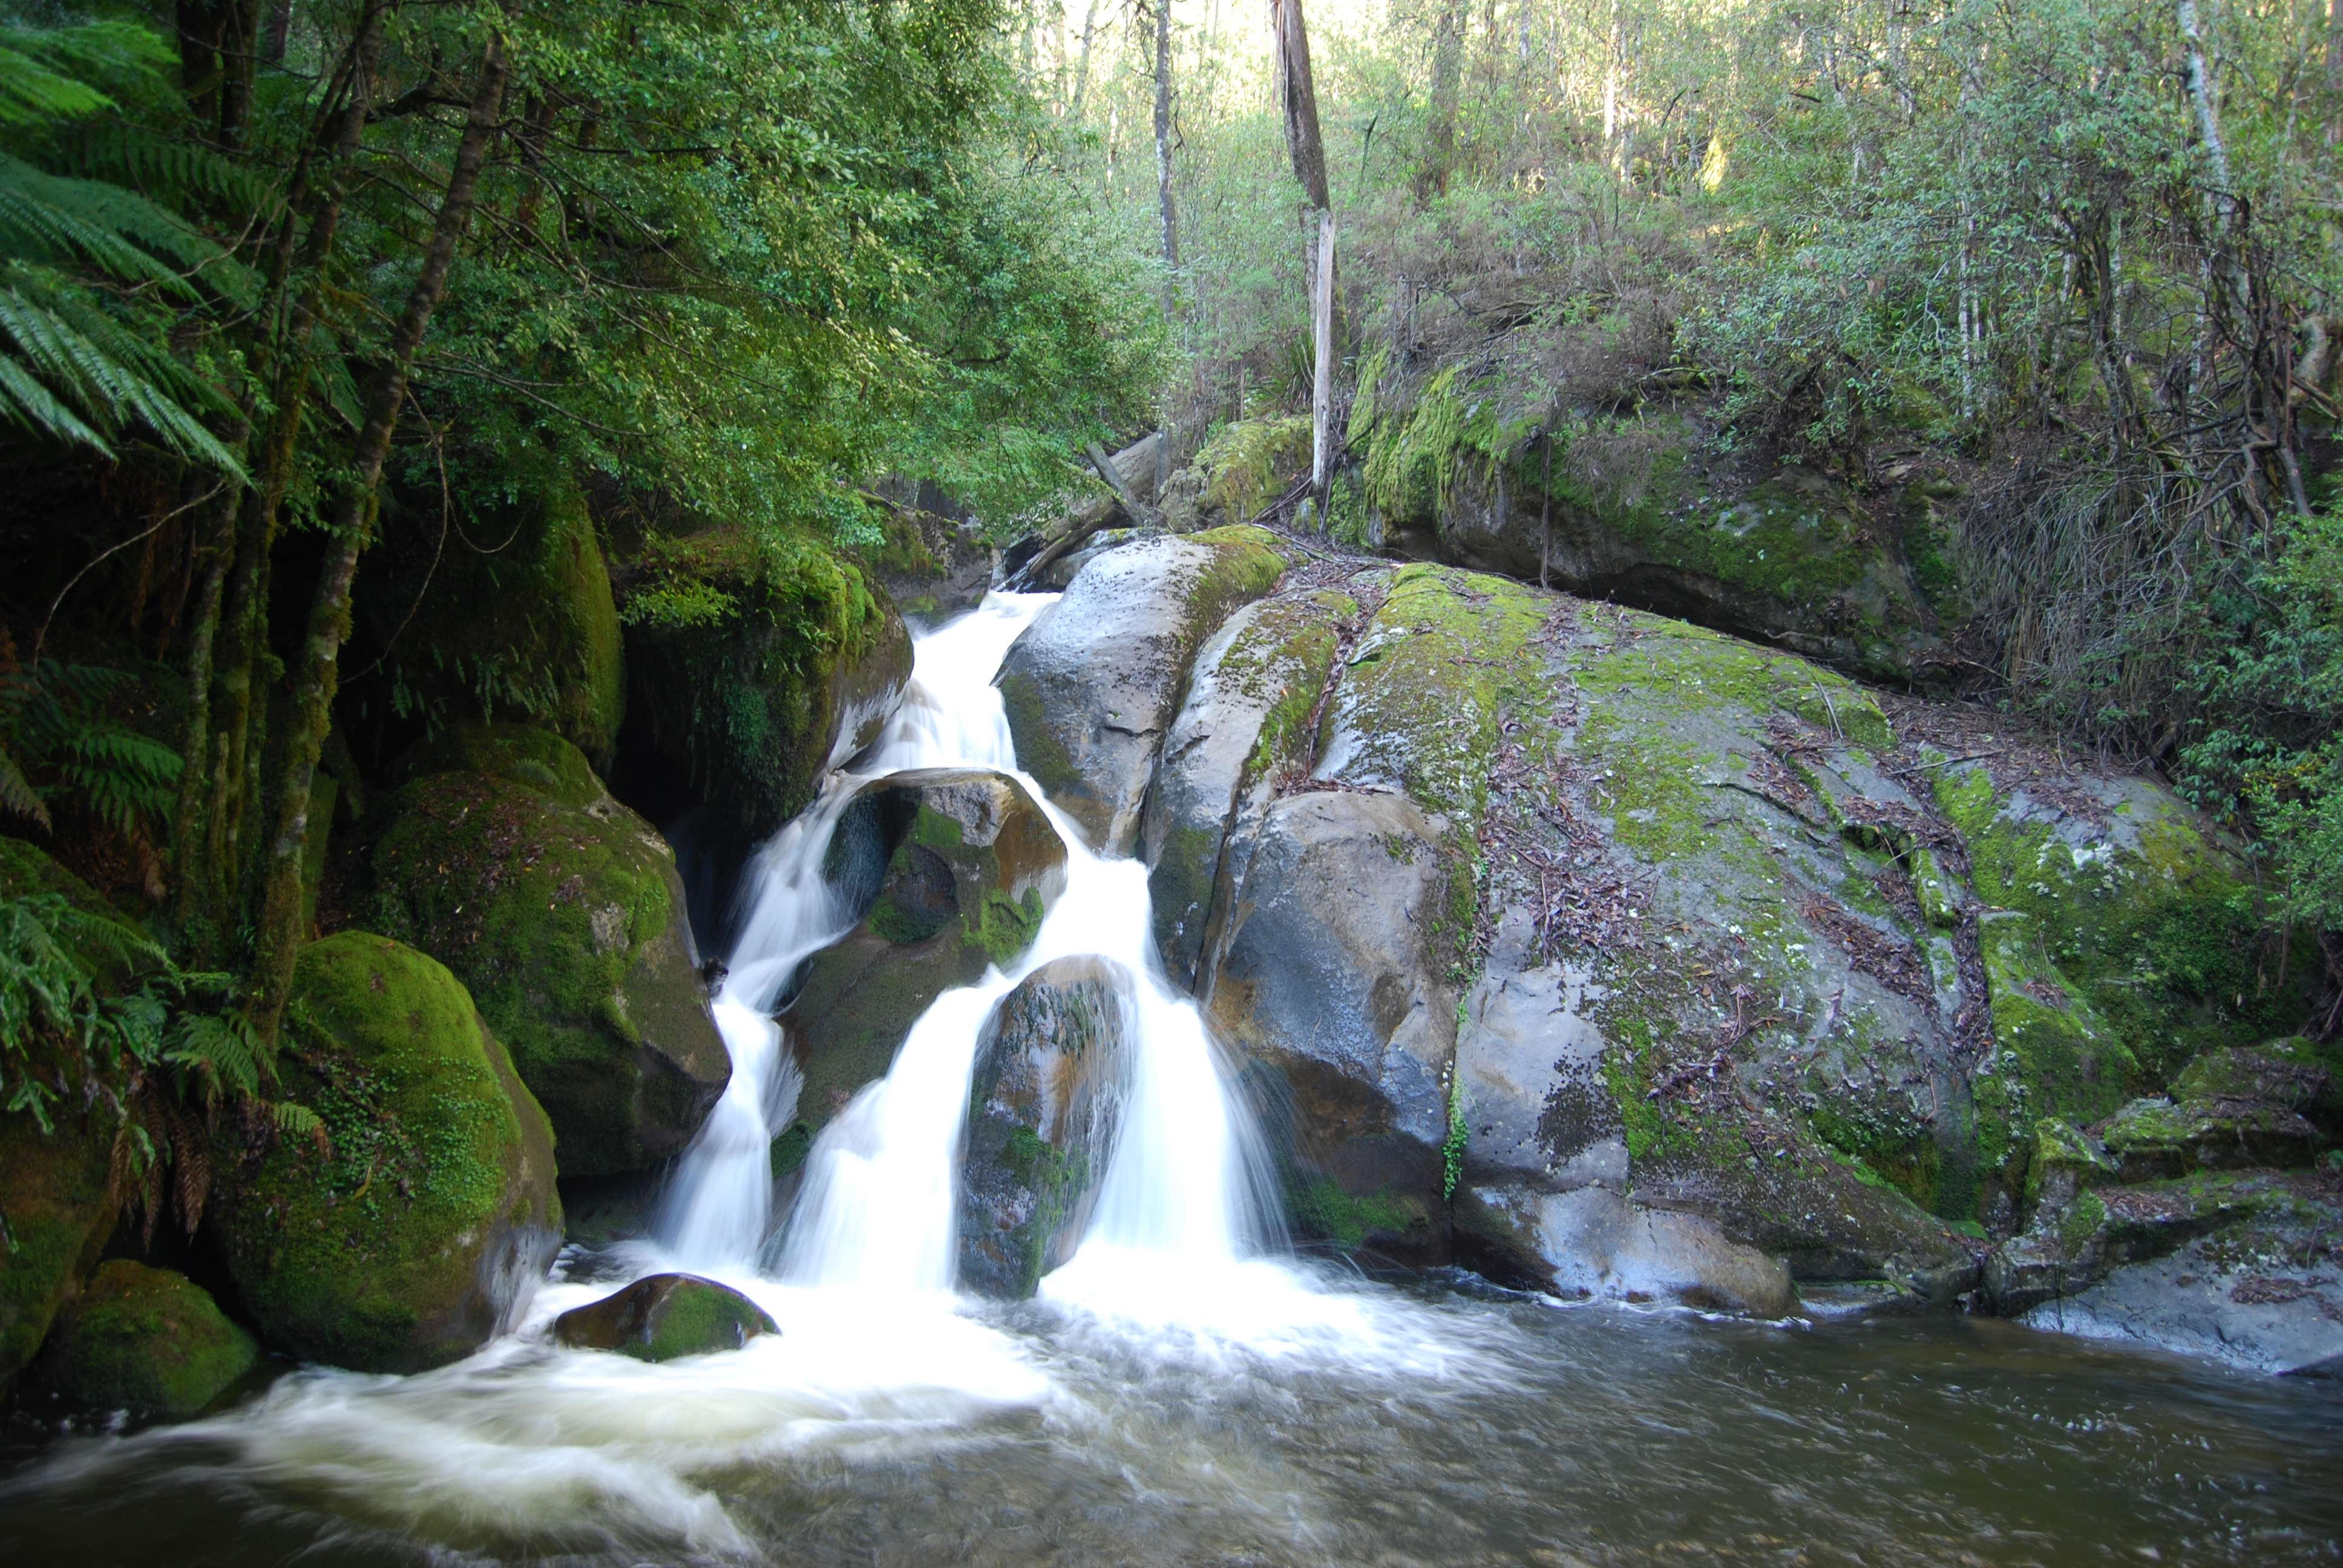 Forest Park Nature Center Photo Contest